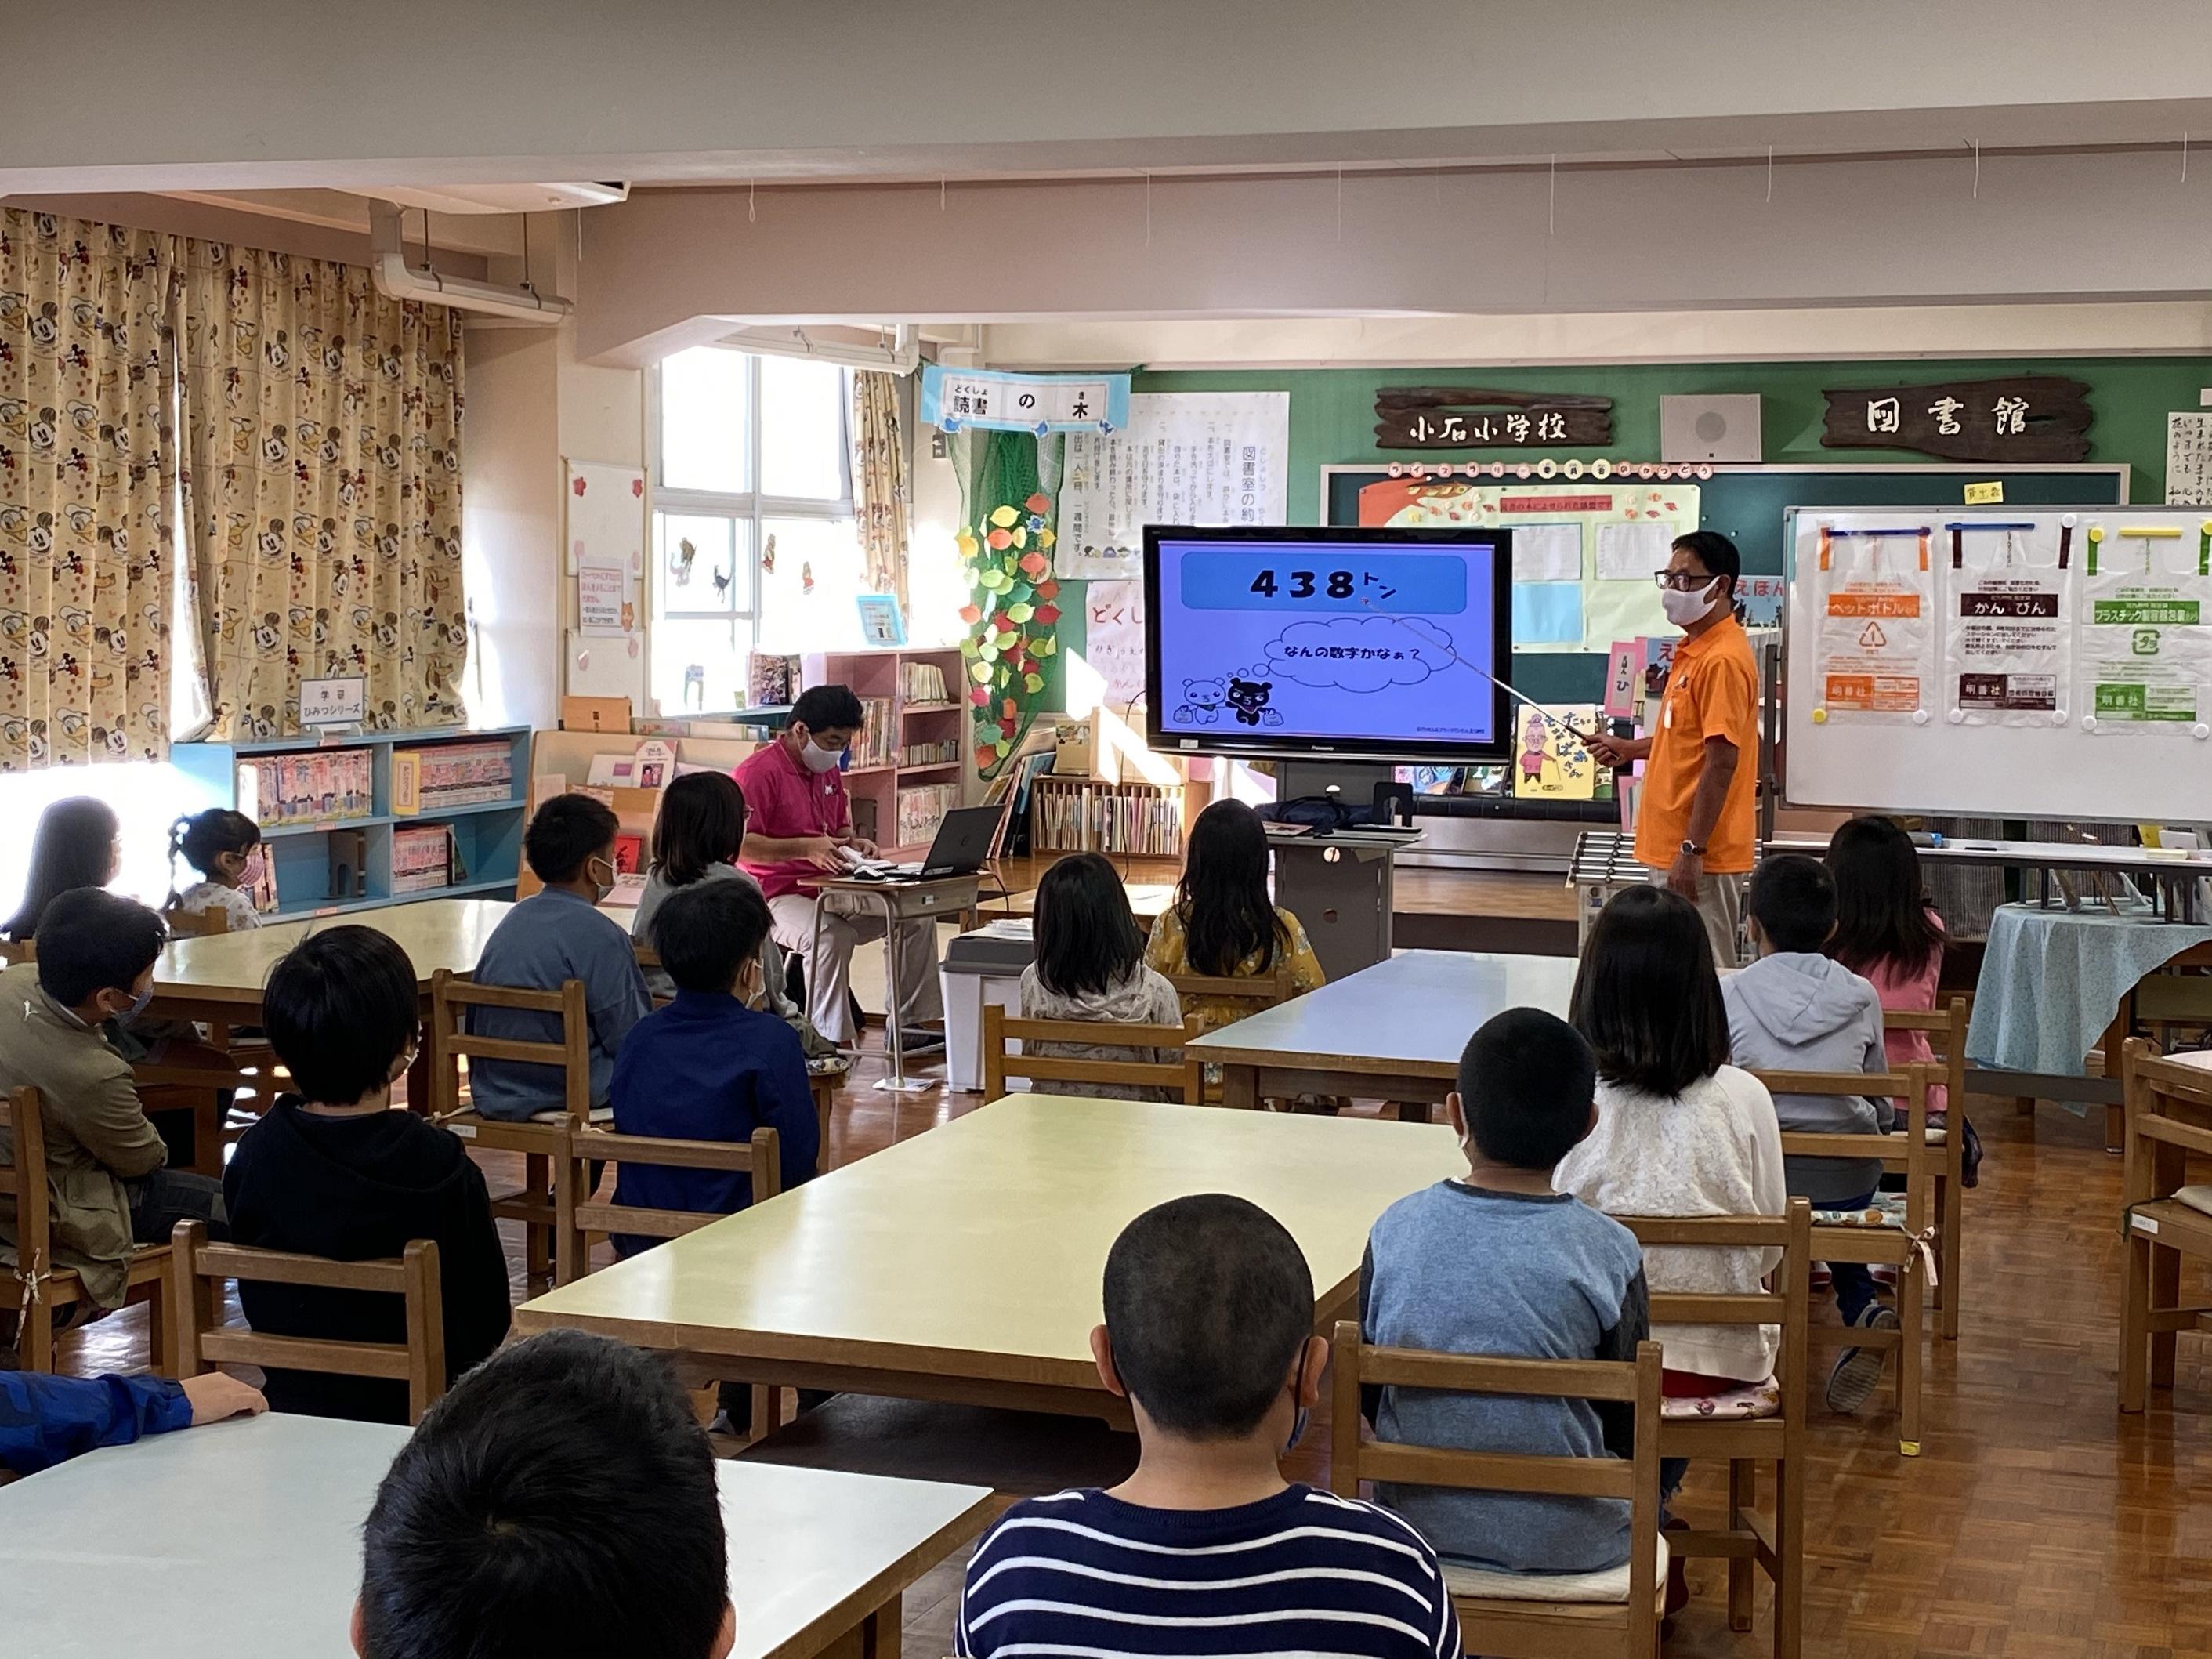 北九州市 環境局 皇后崎環境センターの画像1